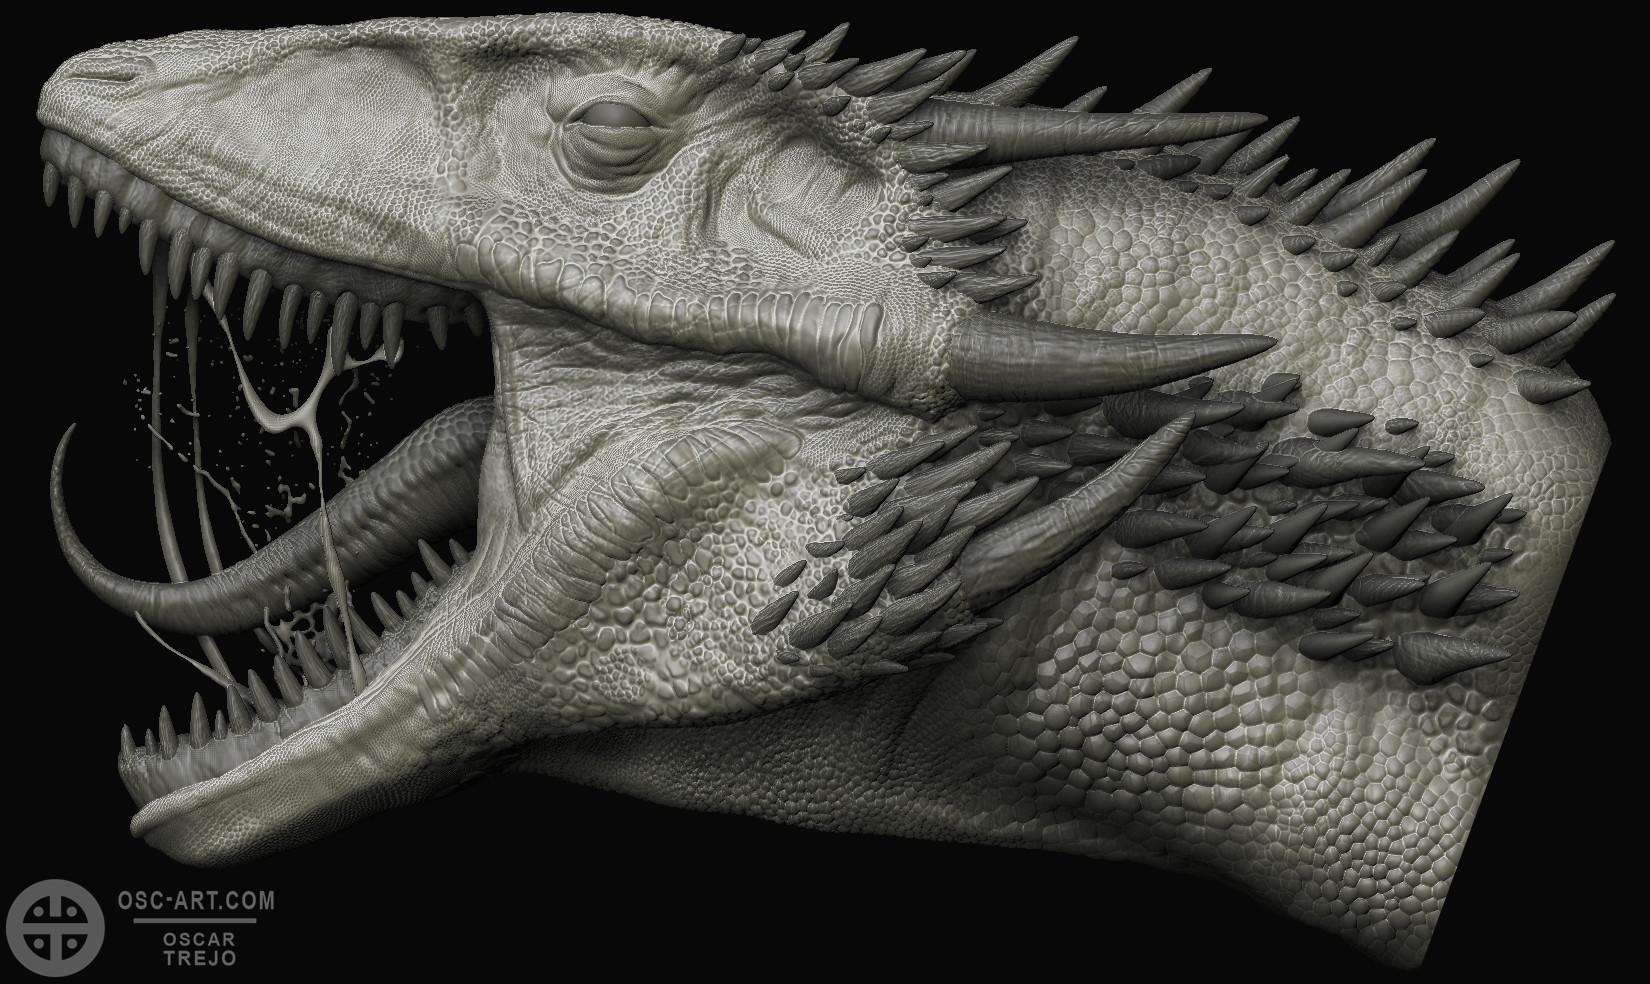 Oscar trejo dragon grey